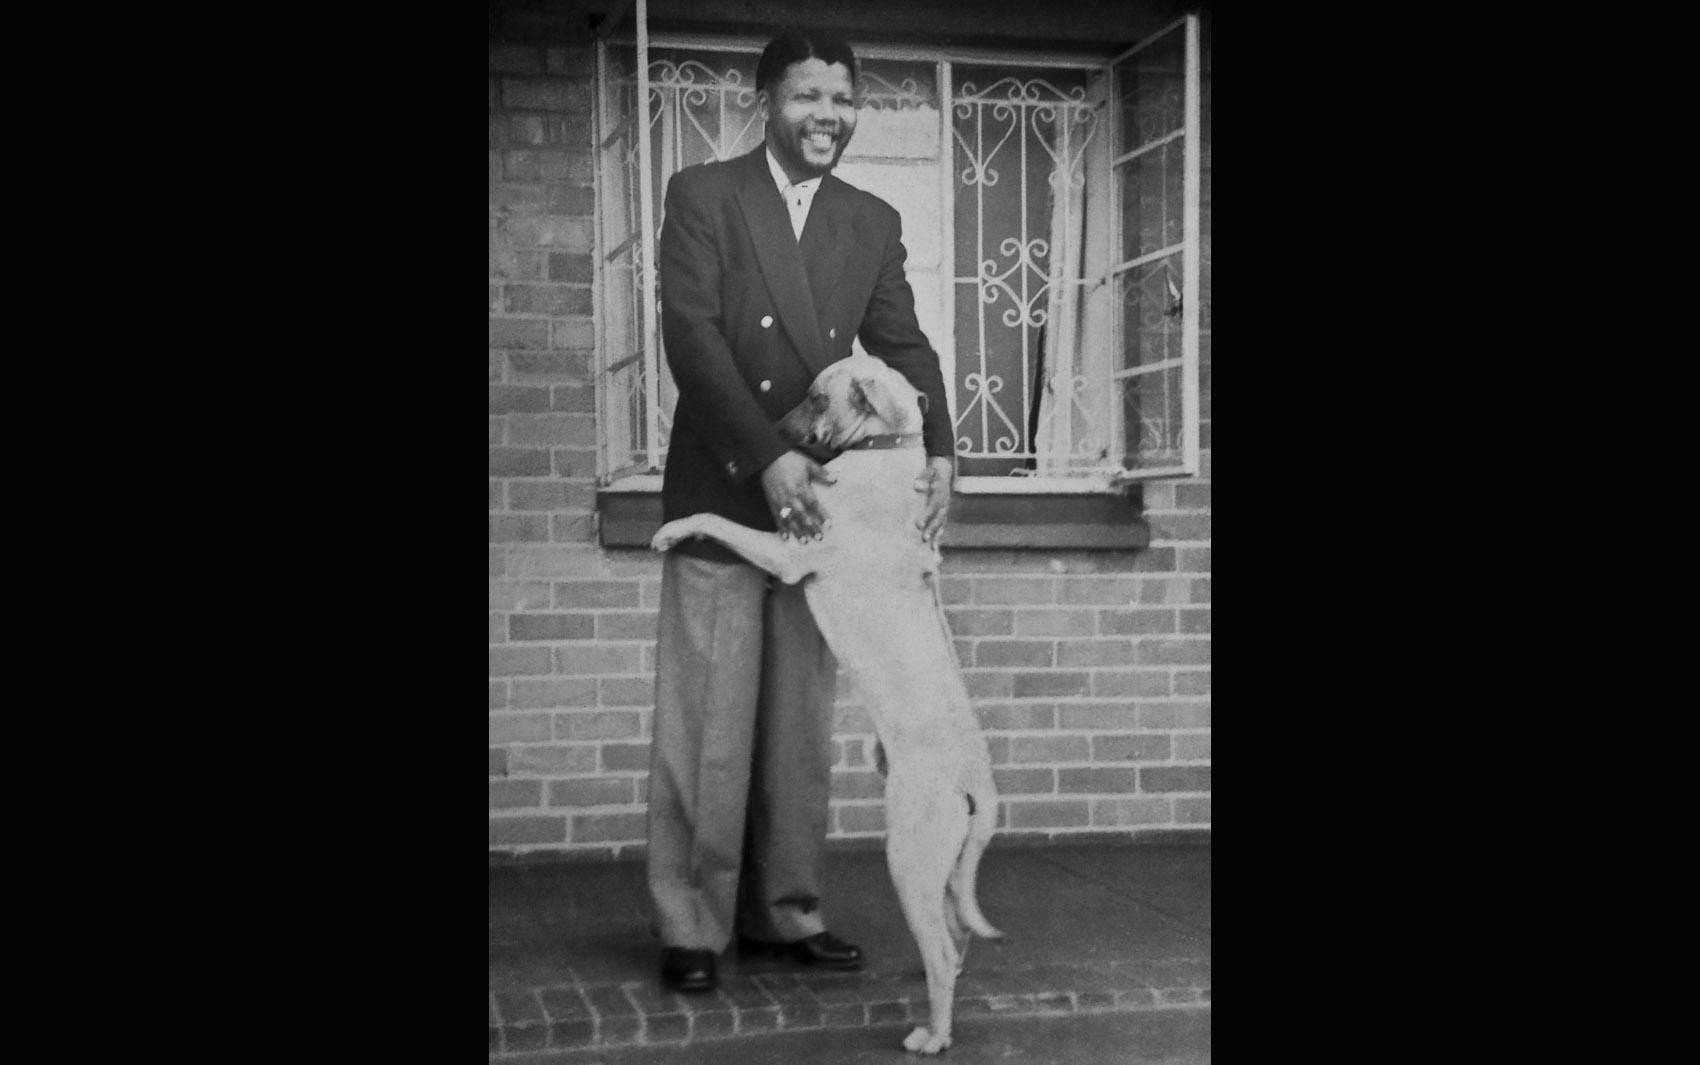 Foto de arquivo sem data atribuída mostra Nelson Mandela ainda jovem